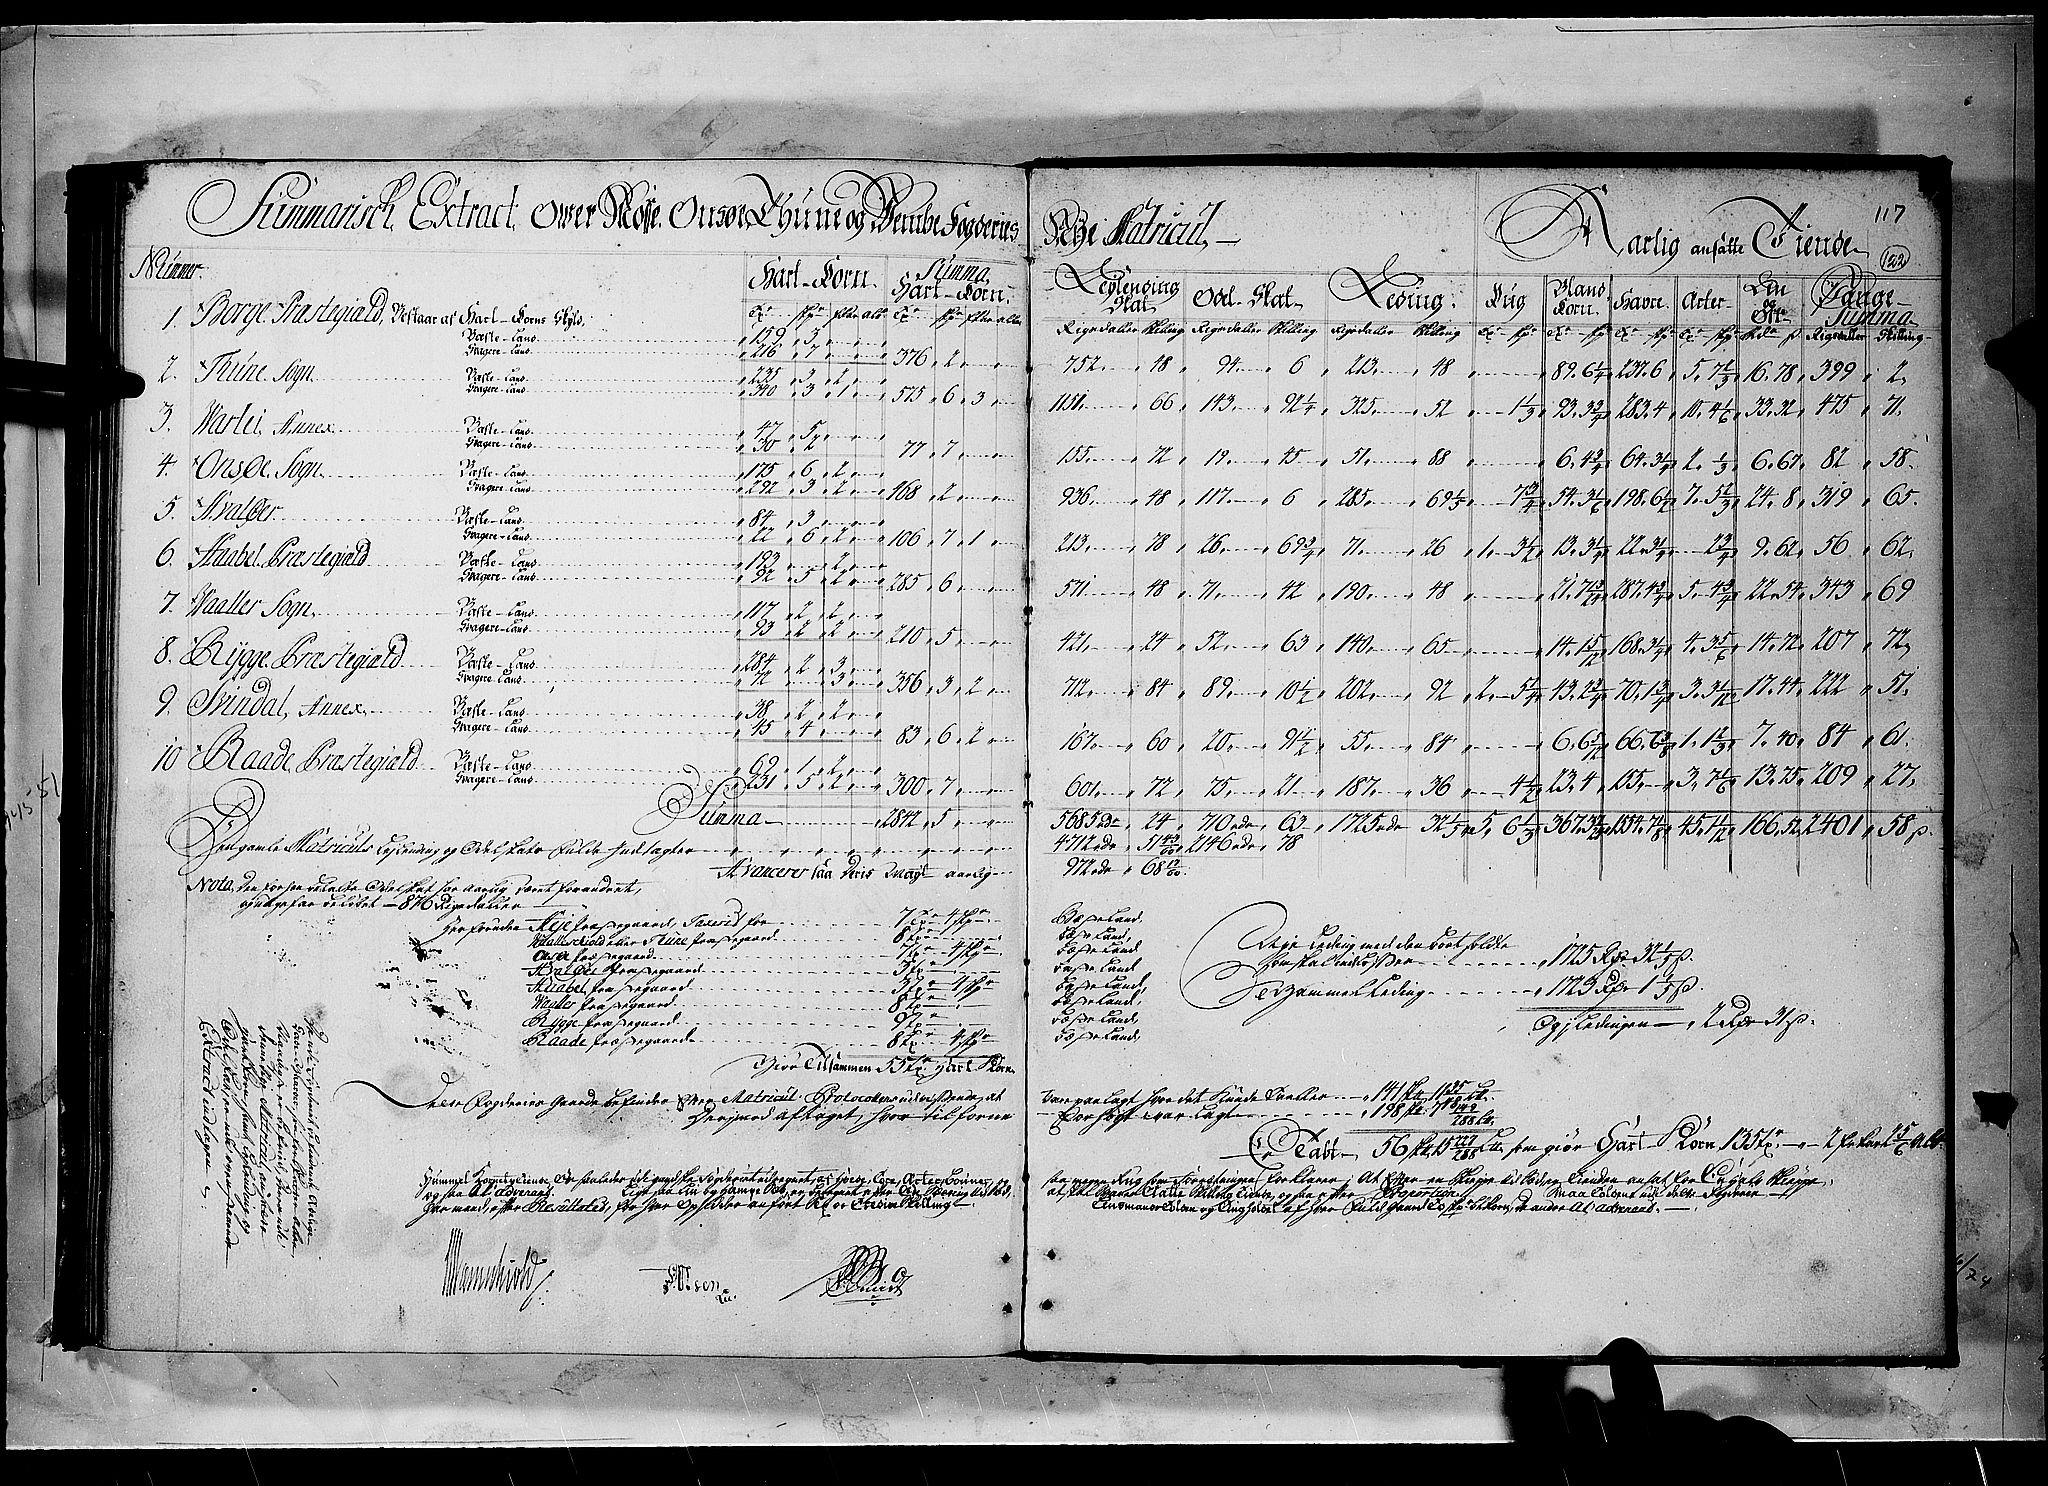 RA, Rentekammeret inntil 1814, Realistisk ordnet avdeling, N/Nb/Nbf/L0096: Moss, Onsøy, Tune og Veme matrikkelprotokoll, 1723, s. 116b-117a